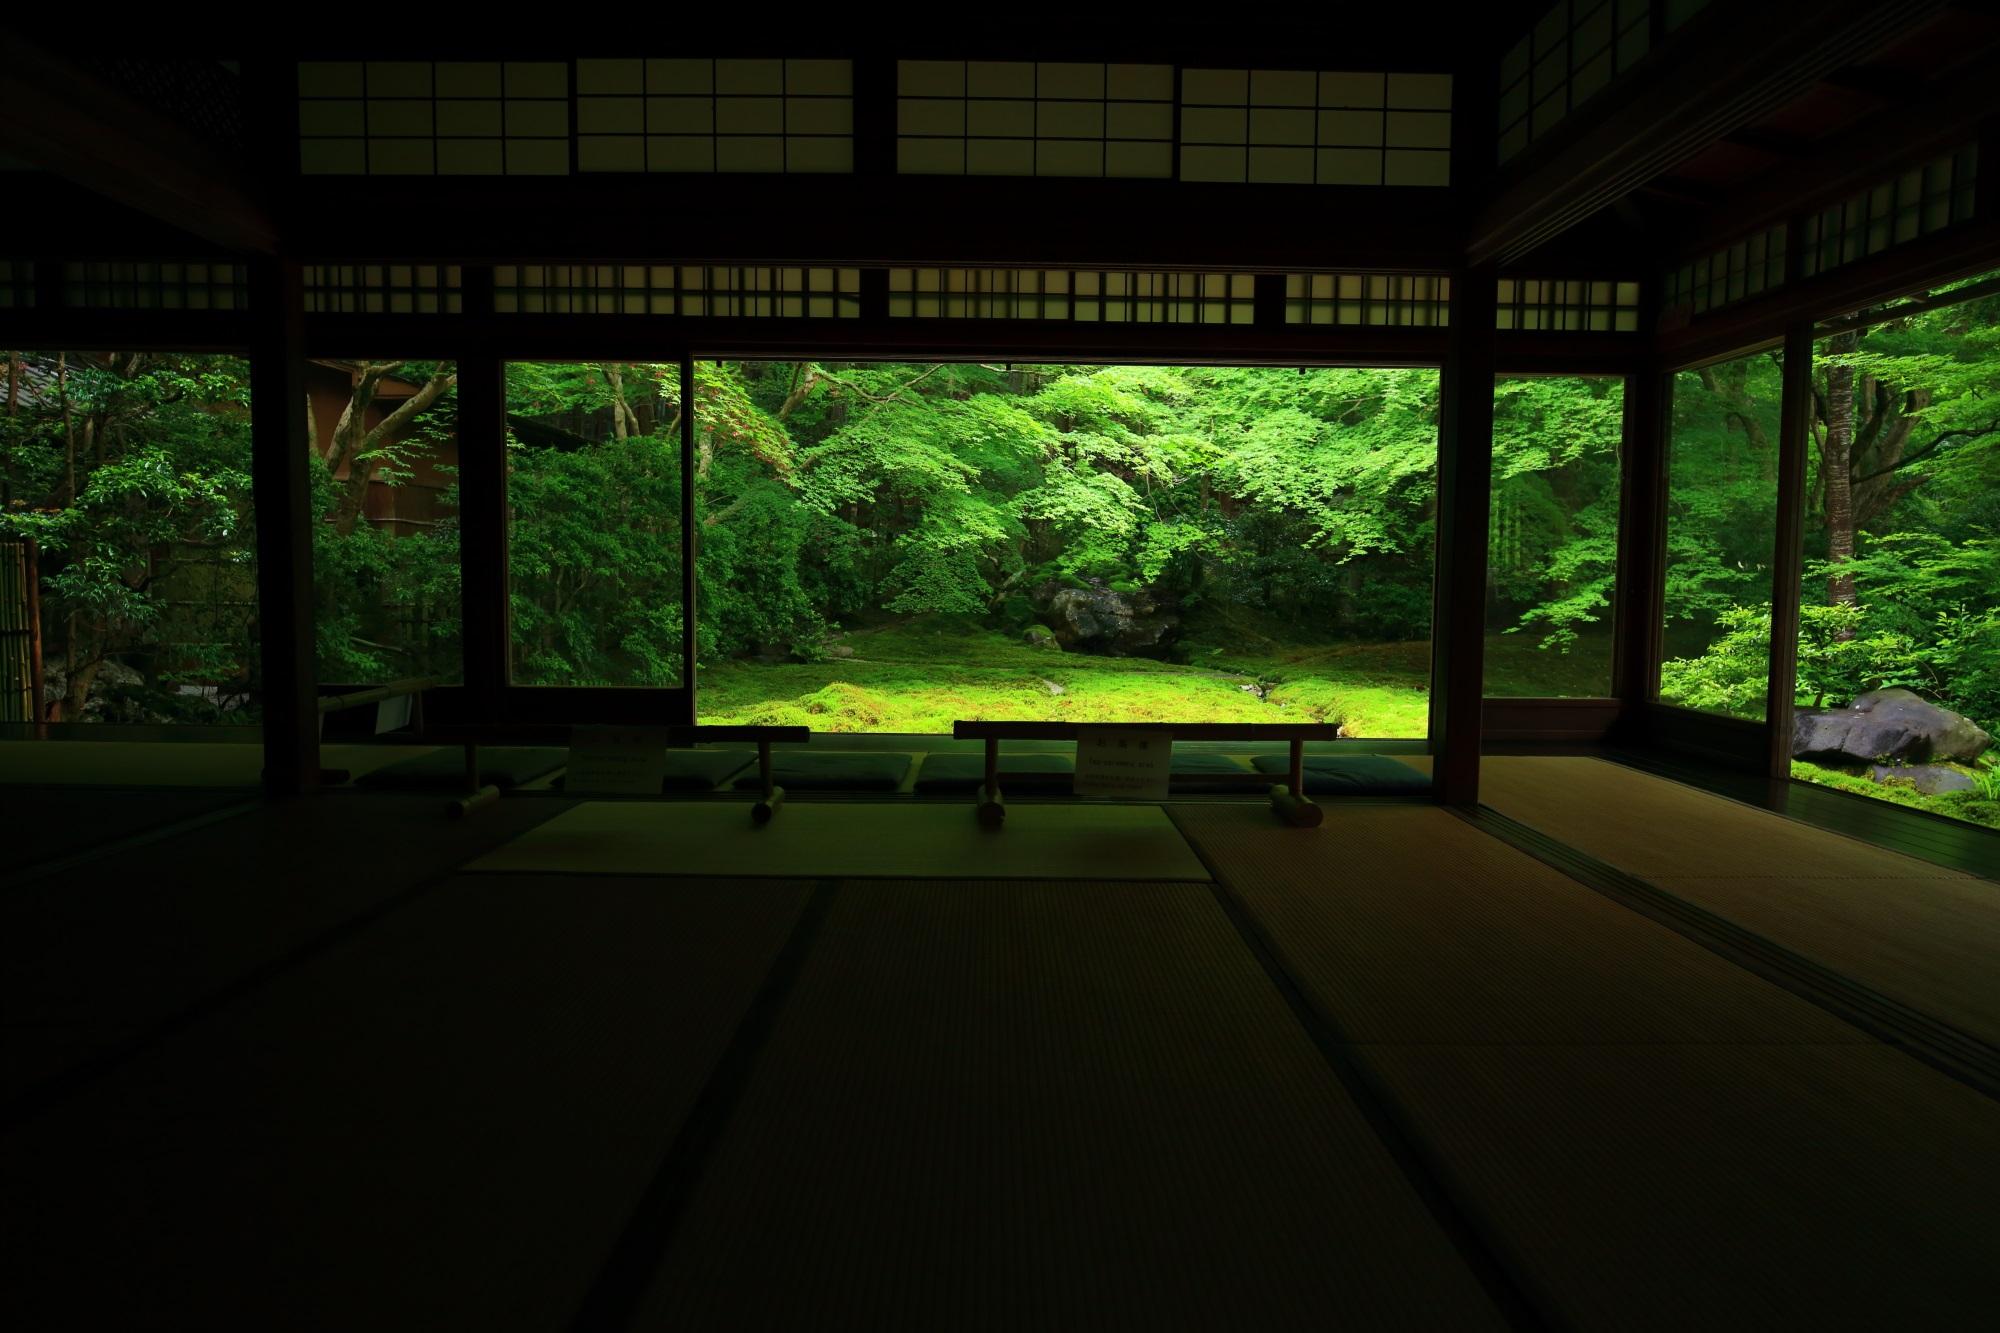 瑠璃光院(るりこういん)の新緑と苔の瑠璃の庭